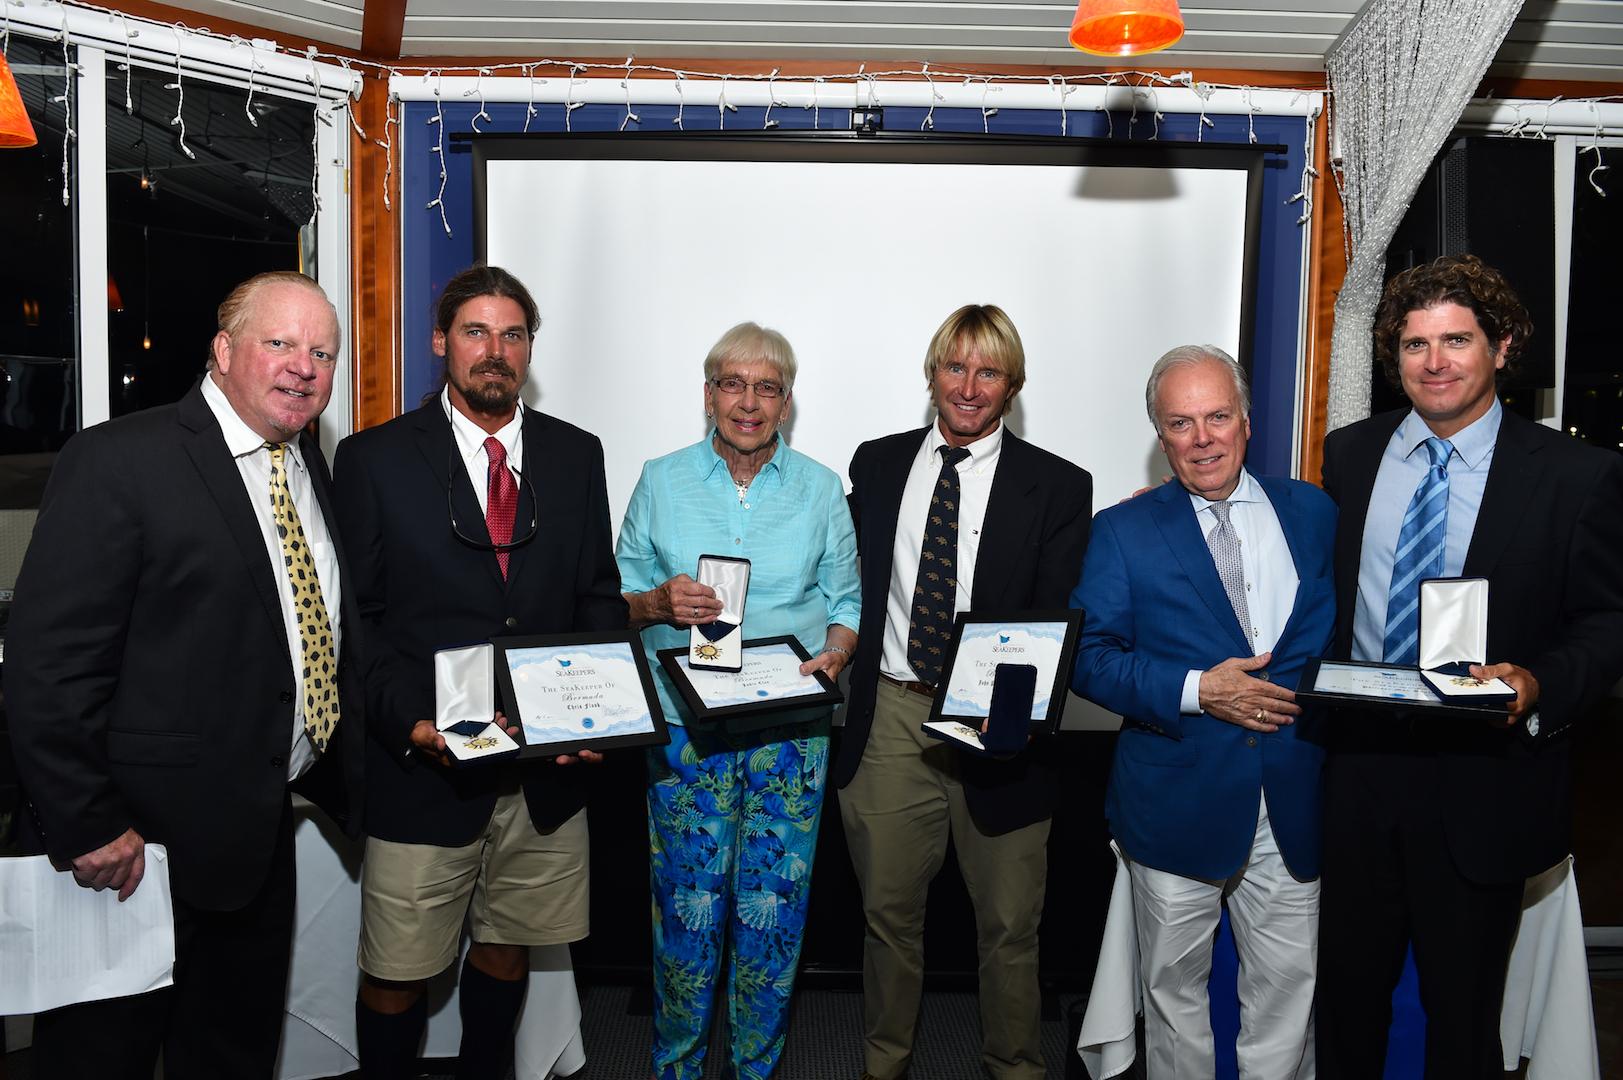 Local Seakeepers Chris Flook, Judie Clee, JP Skinner, Michael T. Moore were also recognised at Seakeepers Bermuda 2017